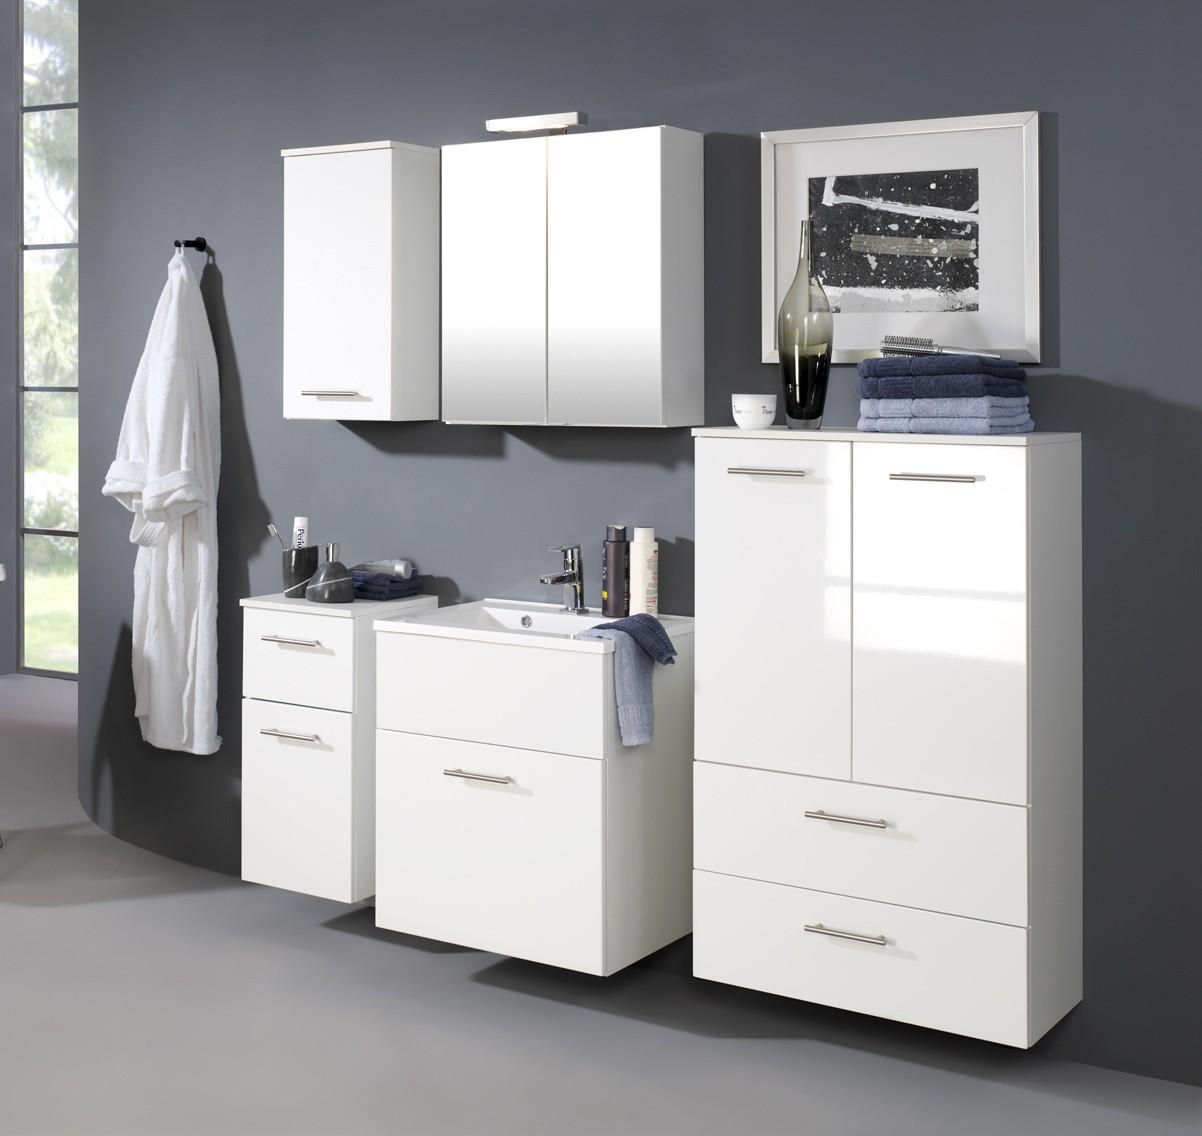 bad h ngeschrank blanco 1 t rig 35 cm breit. Black Bedroom Furniture Sets. Home Design Ideas